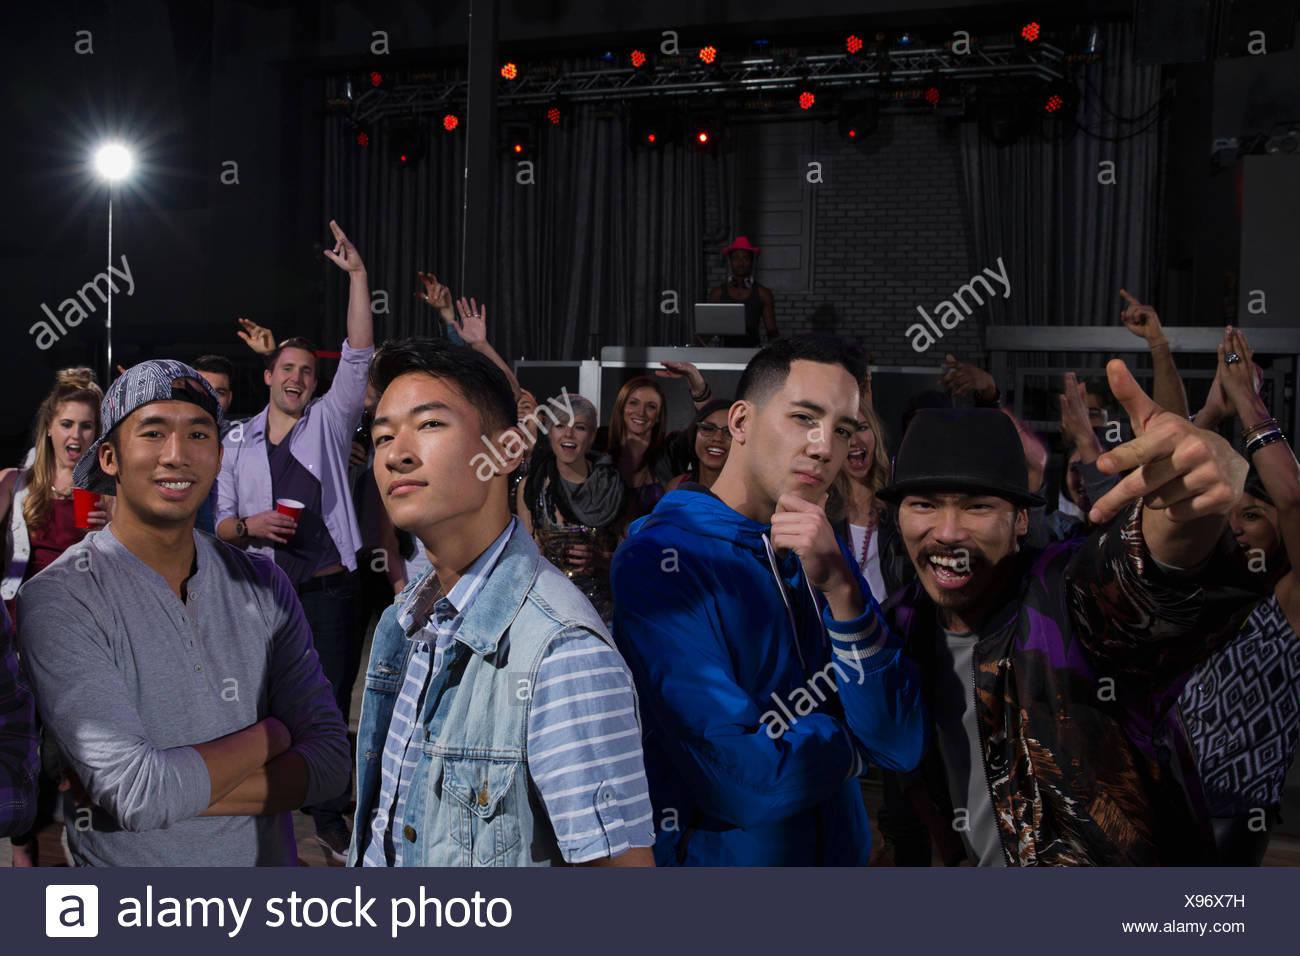 Nachtclub für Männer